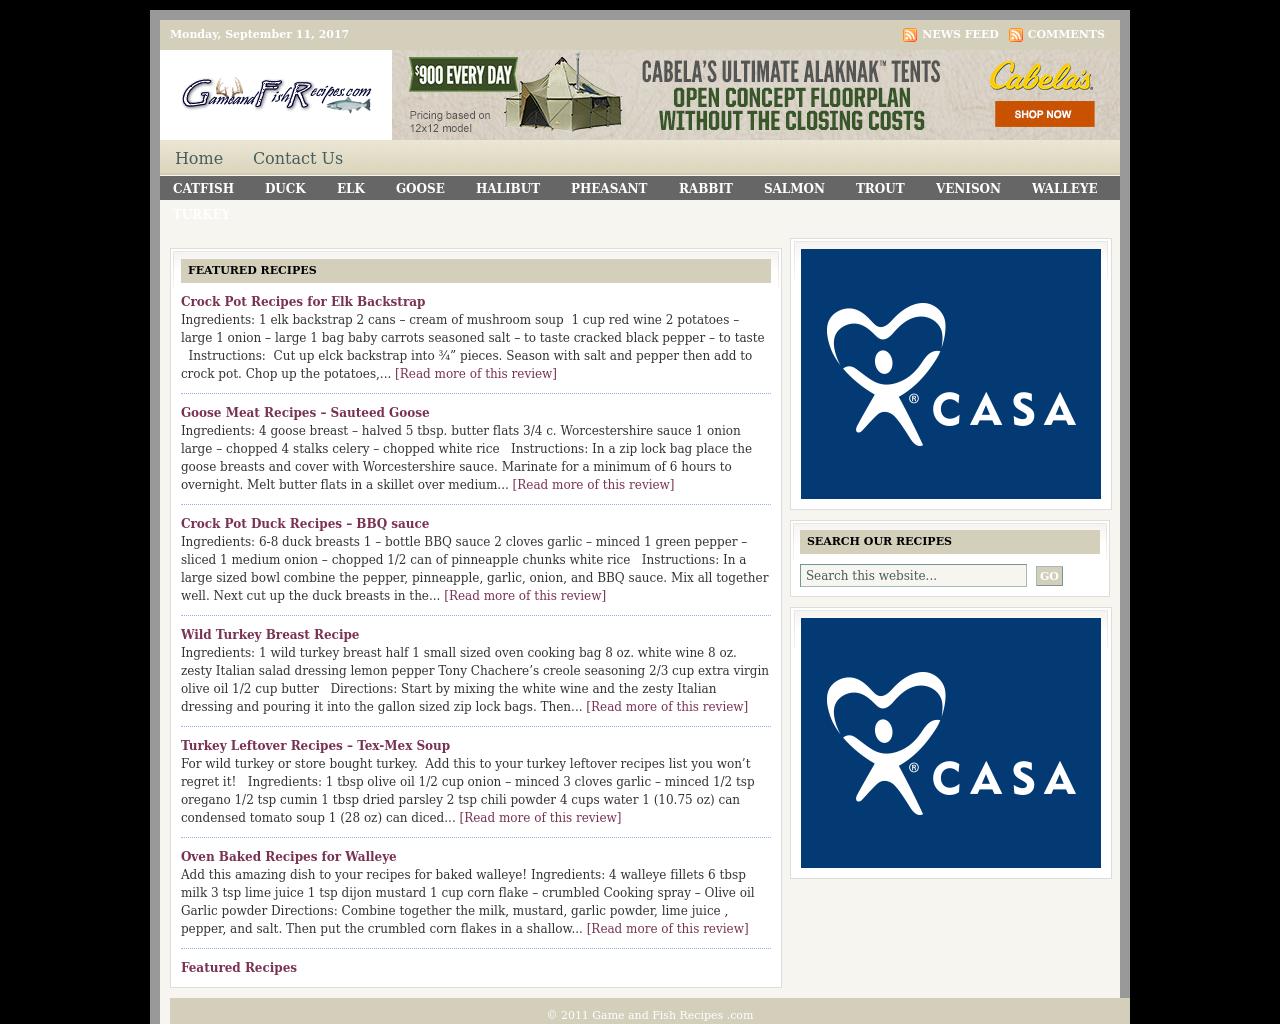 Gameandfishrecipes.com-Advertising-Reviews-Pricing